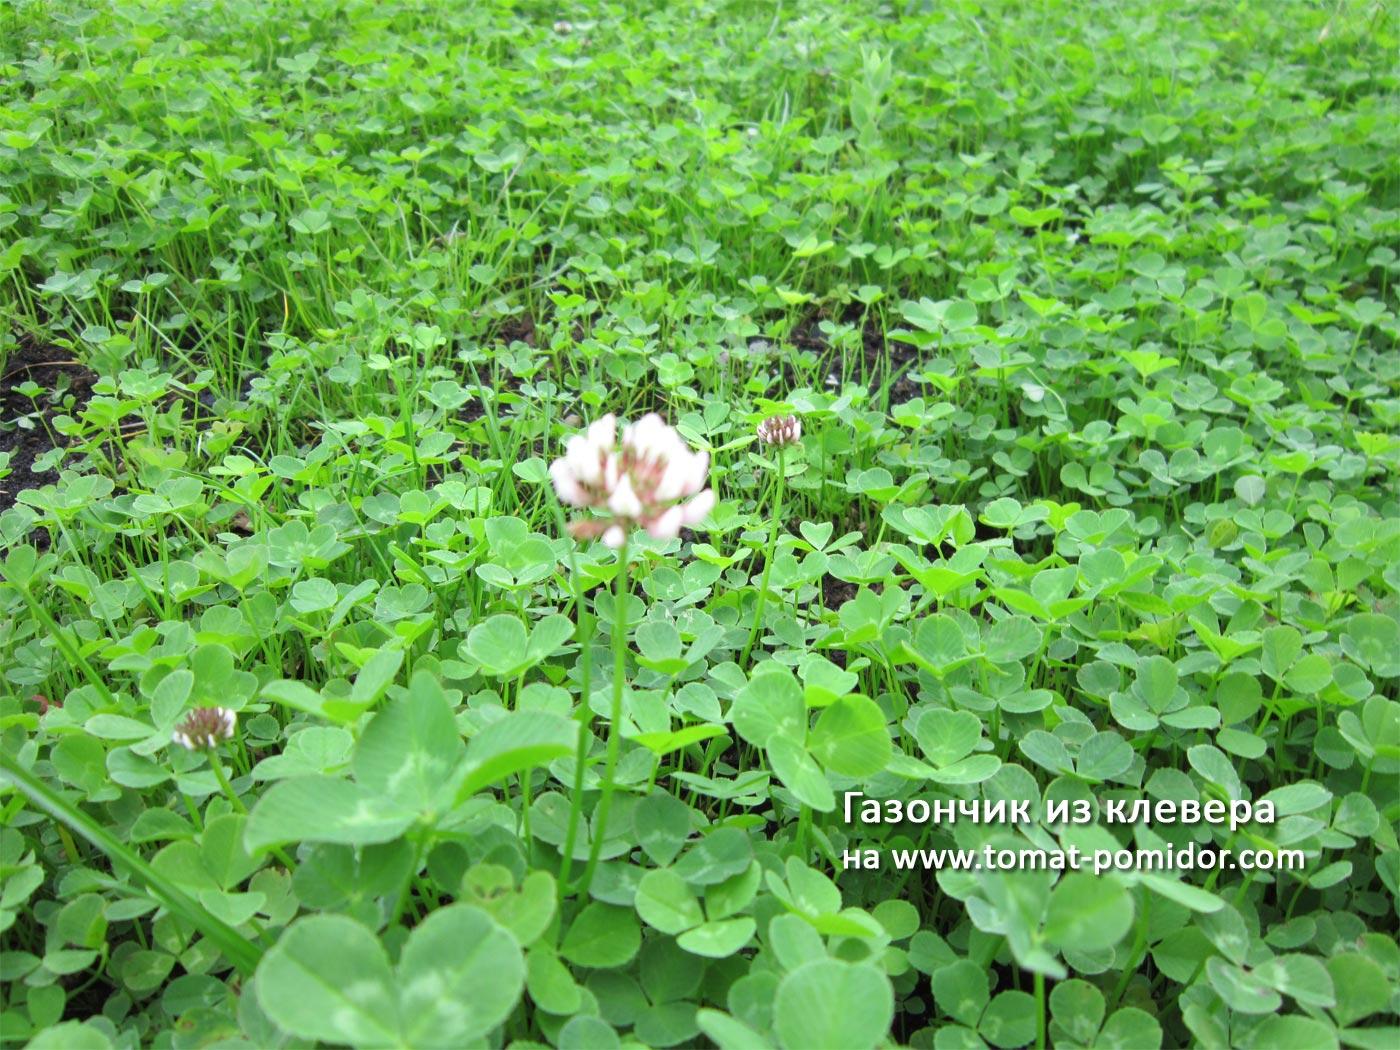 Клеверный газон: выбор сорта, когда сеять 68